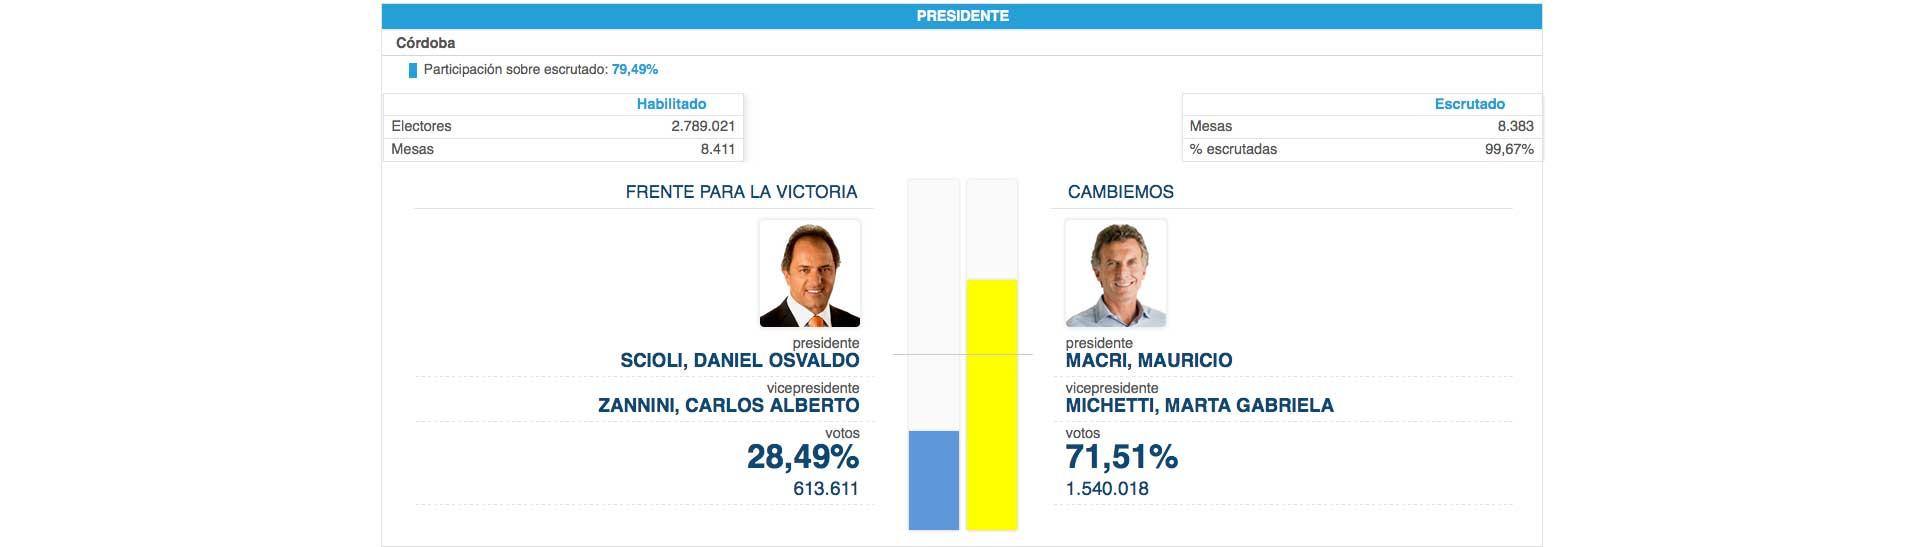 Cordoba_voto_pro_2_caja (1)